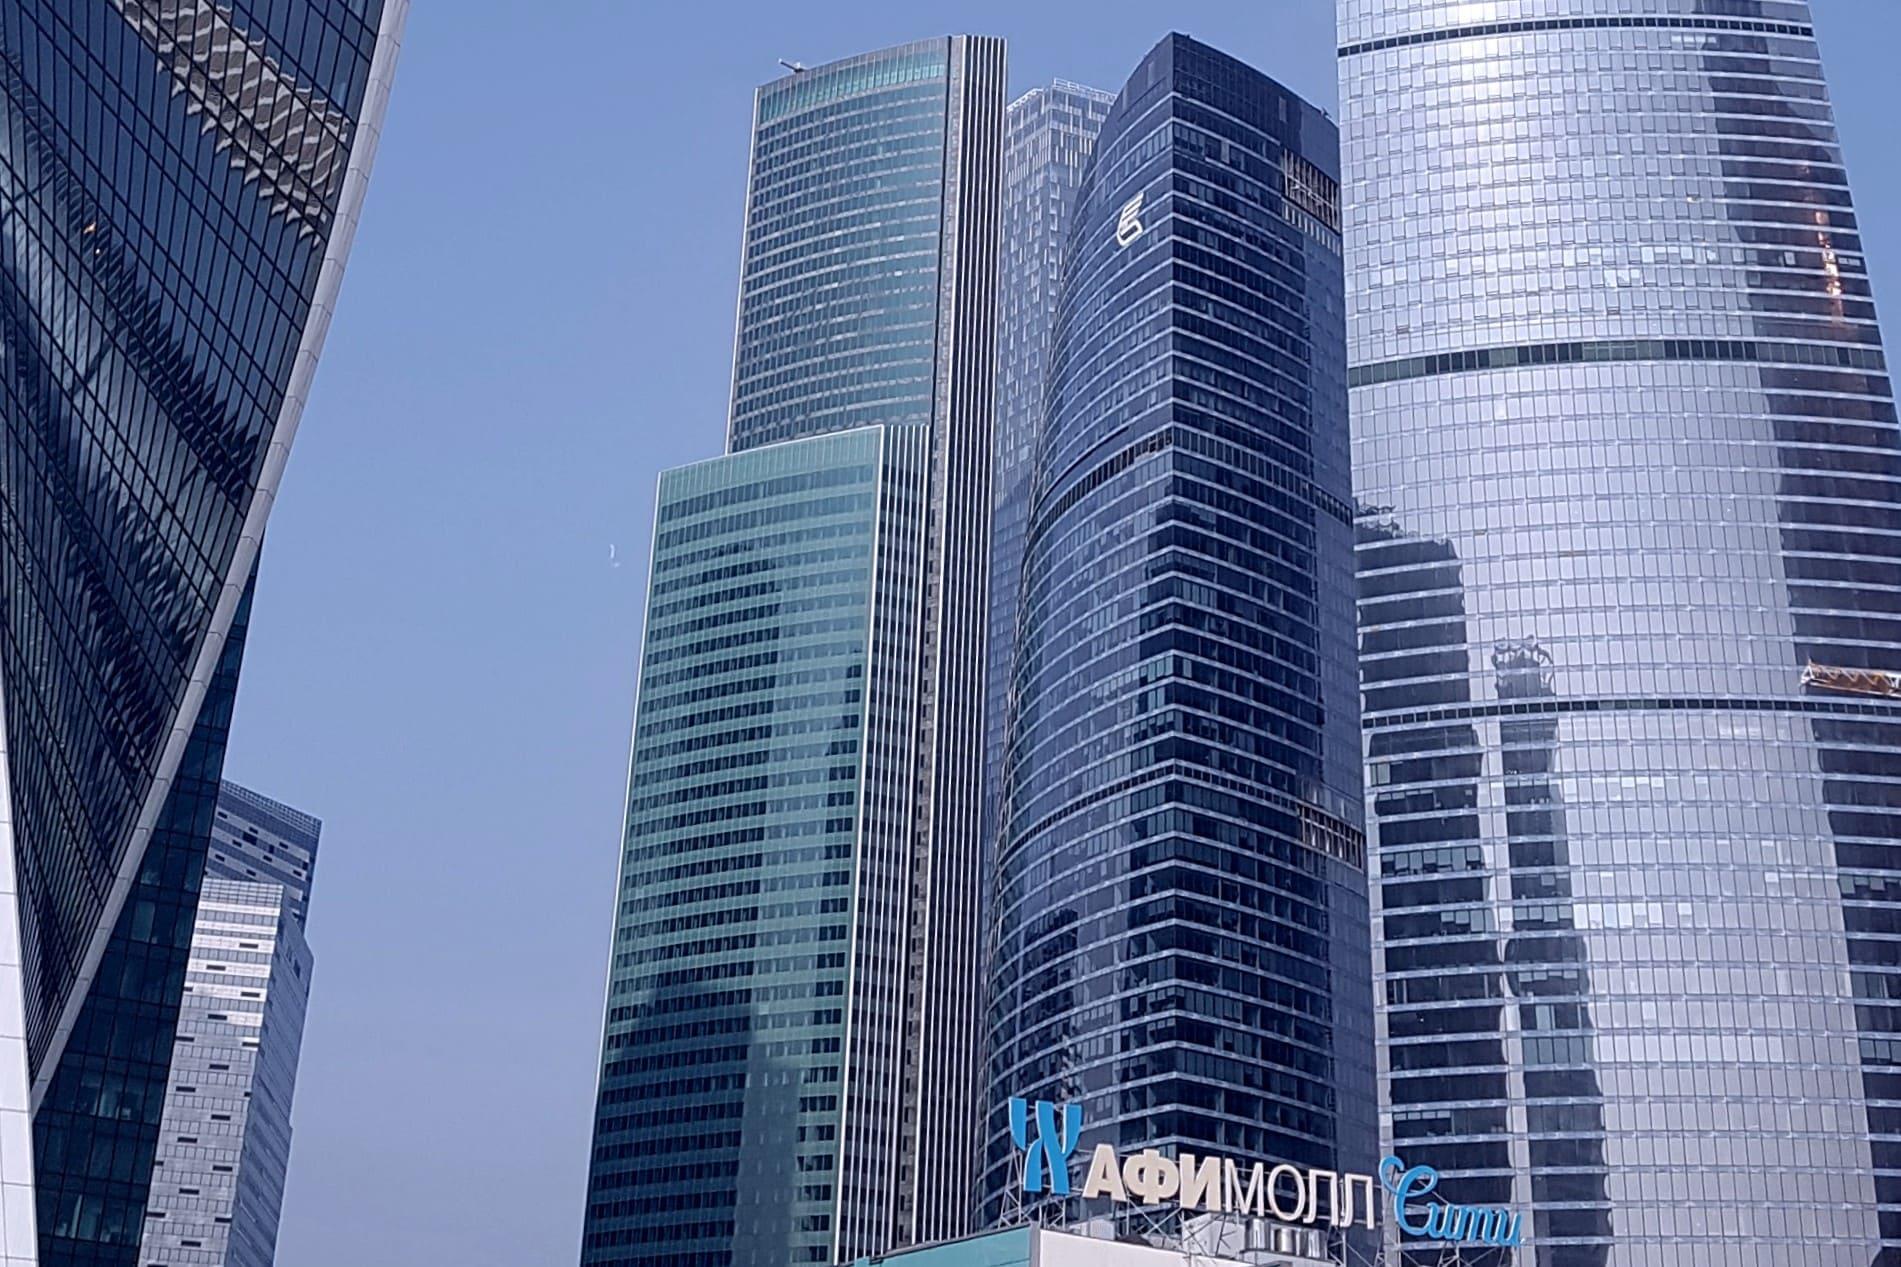 Аренда офиса Москва Сити башня федерация запад